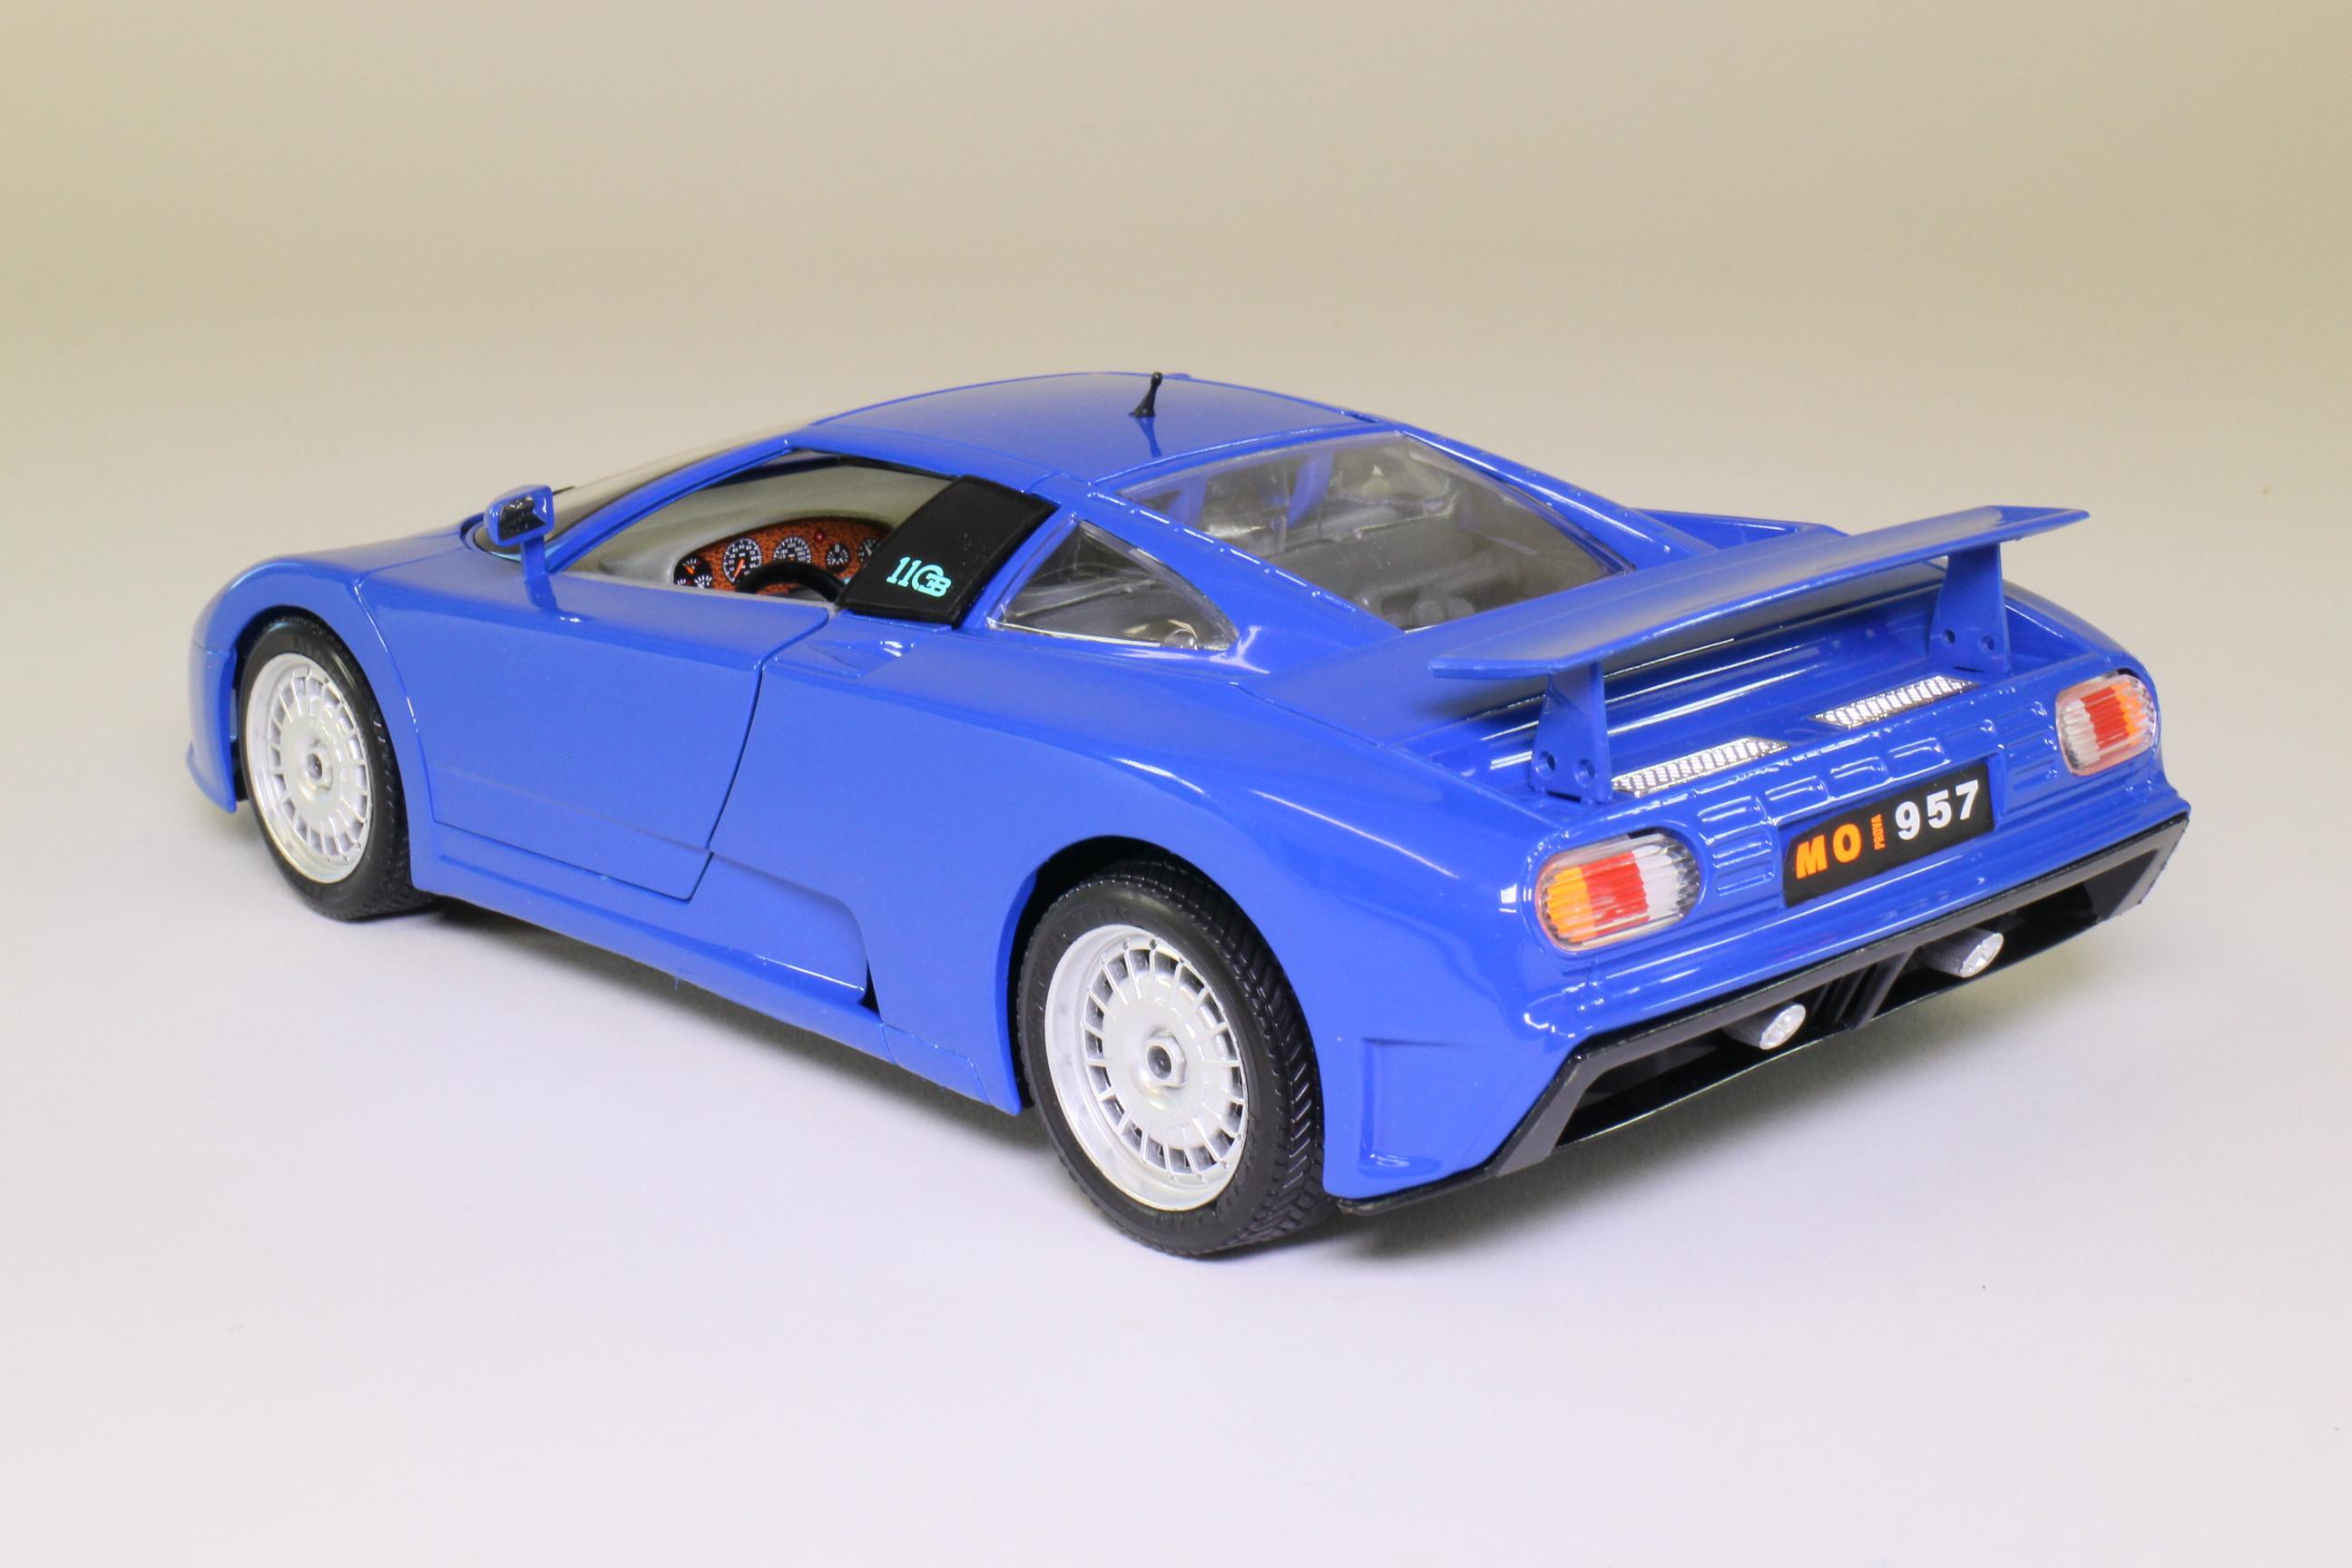 burago 3035; 1991 bugatti eb110; 1:18 scale, light blue; excellent